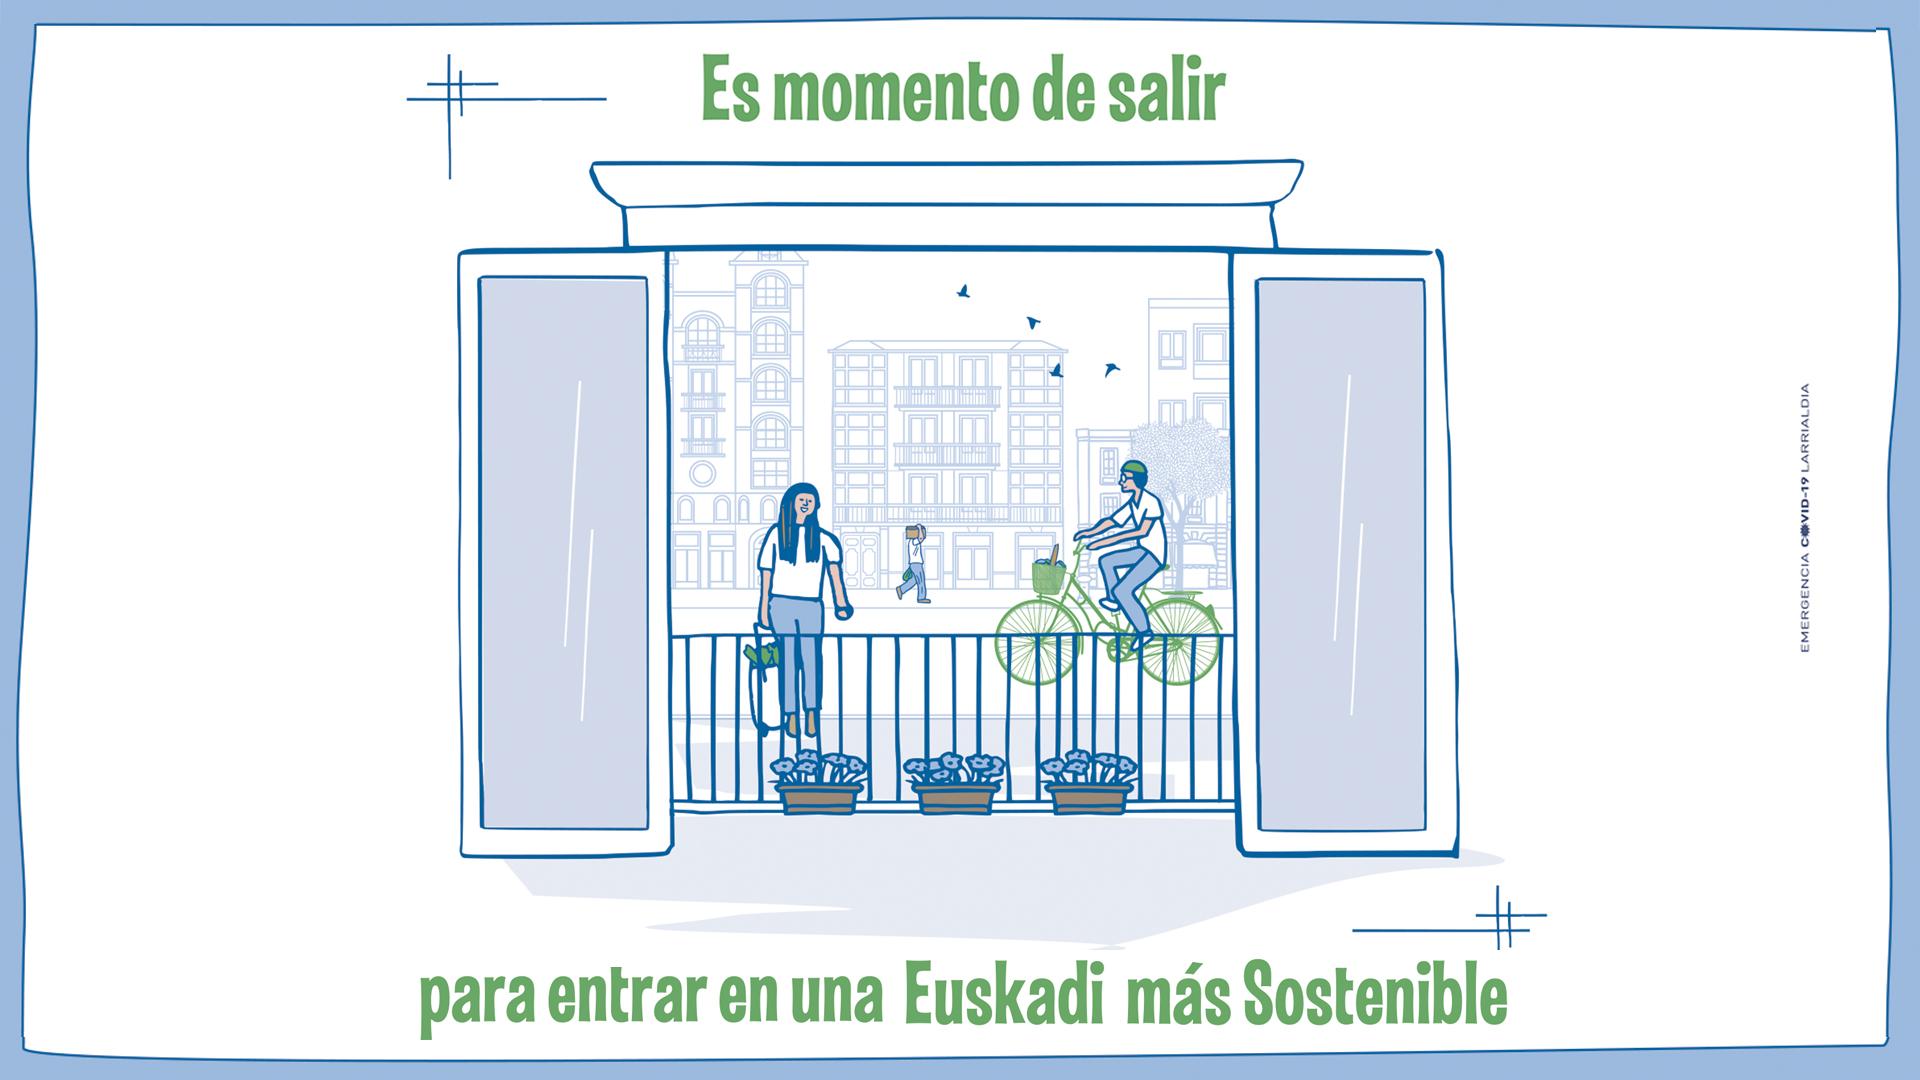 Es momento de salir para entrar en una Euskadi más sostenible [0:20]